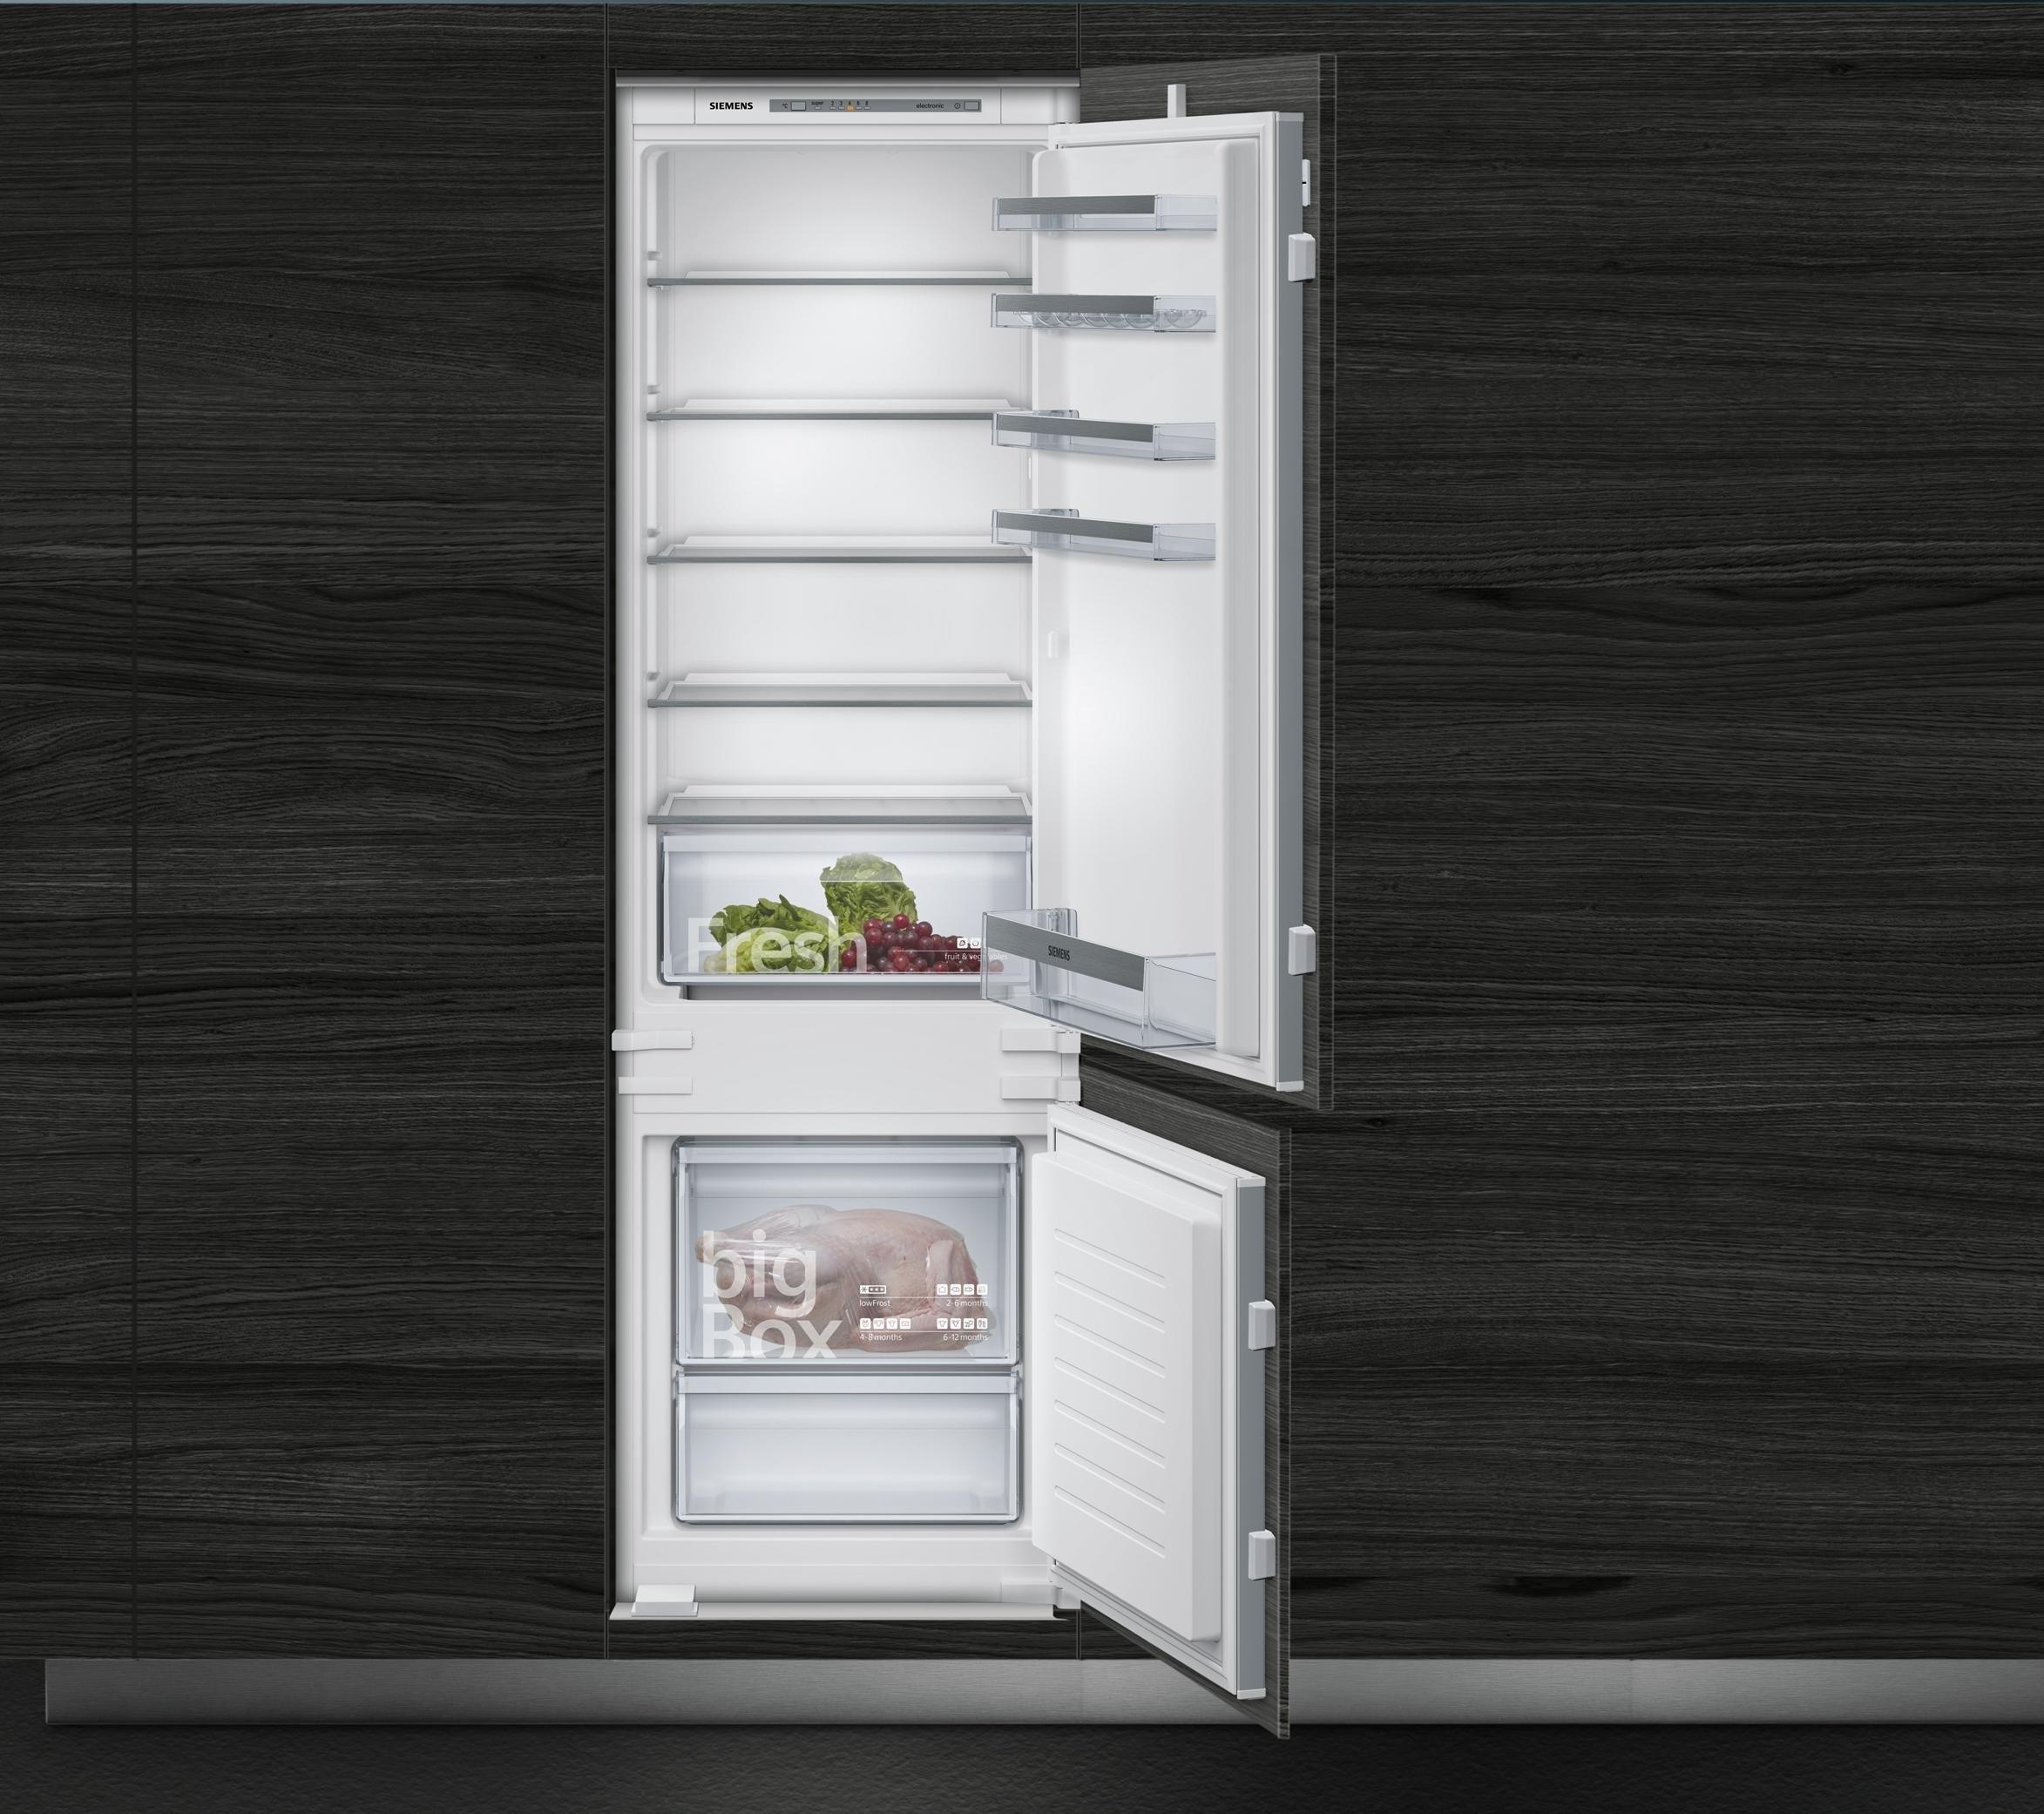 Siemens volledig integreerbare inbouw-koel-vriescombinatie KI87VVS30, A++, 177,2 cm hoog goedkoop op otto.nl kopen